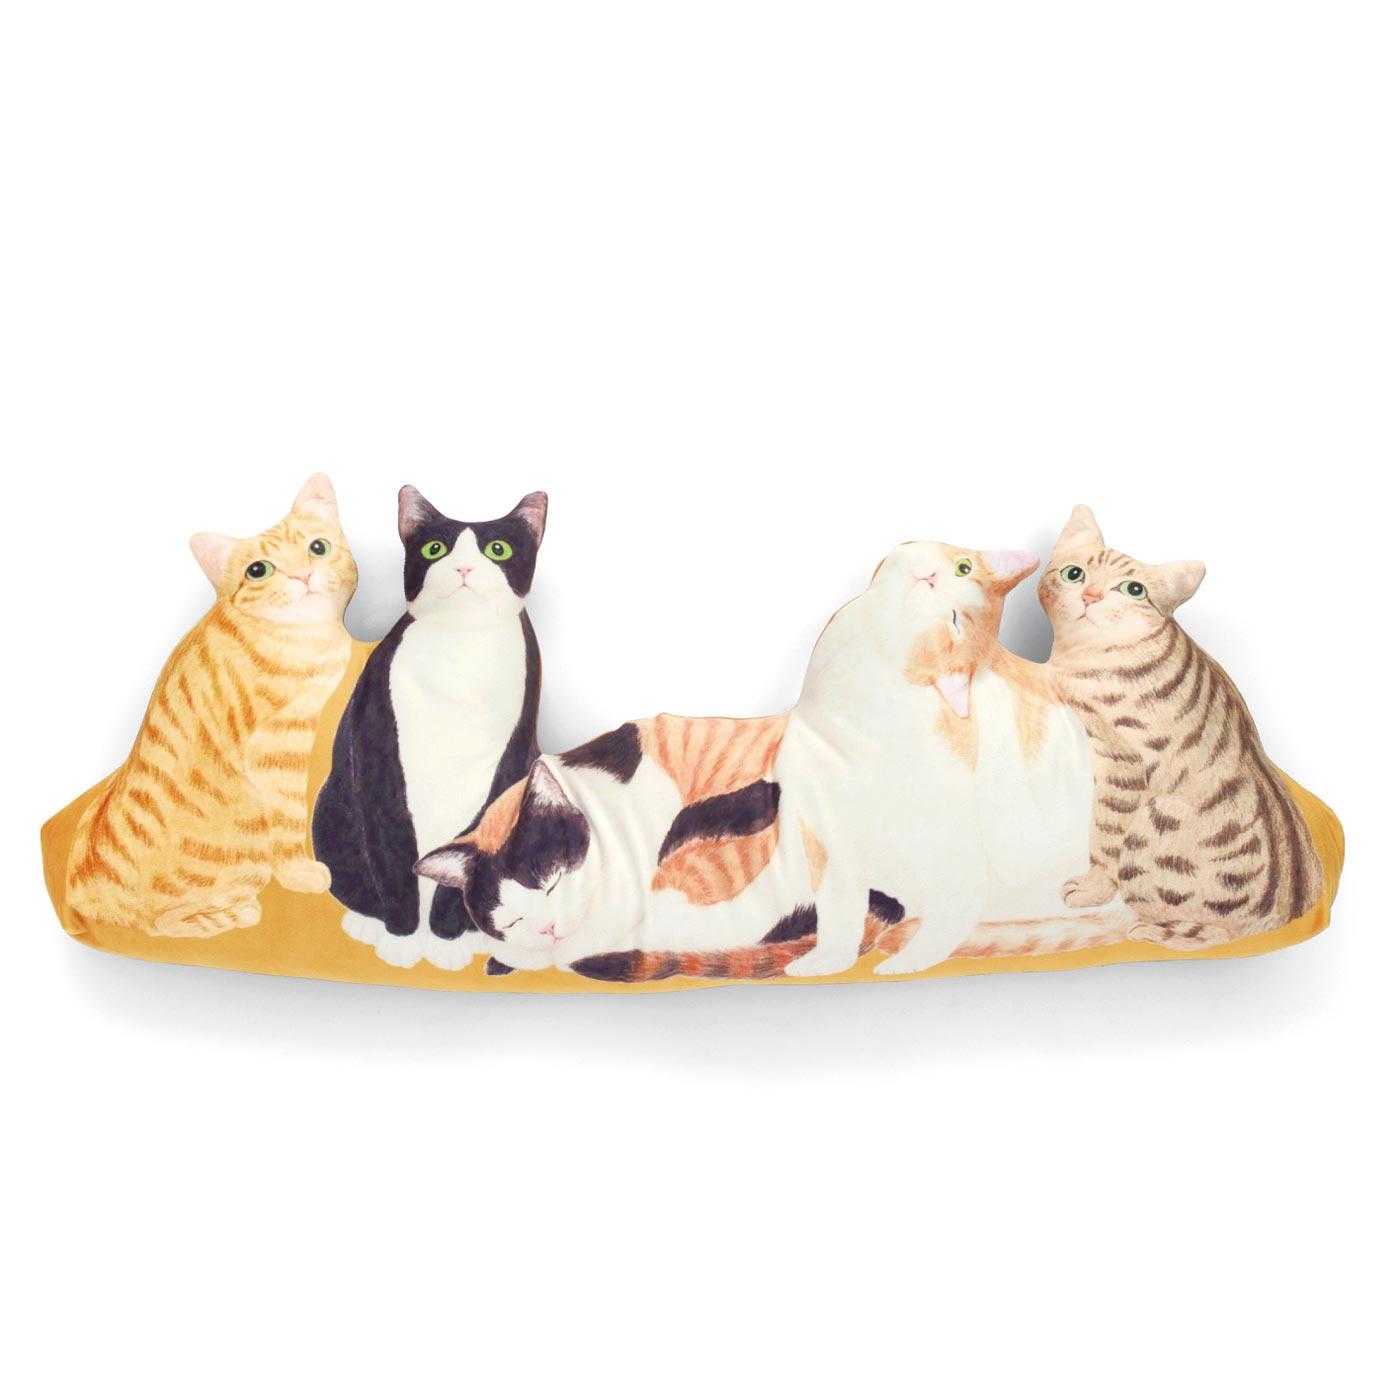 はんなり日本猫(左からトラ・ハチワレクロ・ミケ・ハチワレトラ・キジトラ)